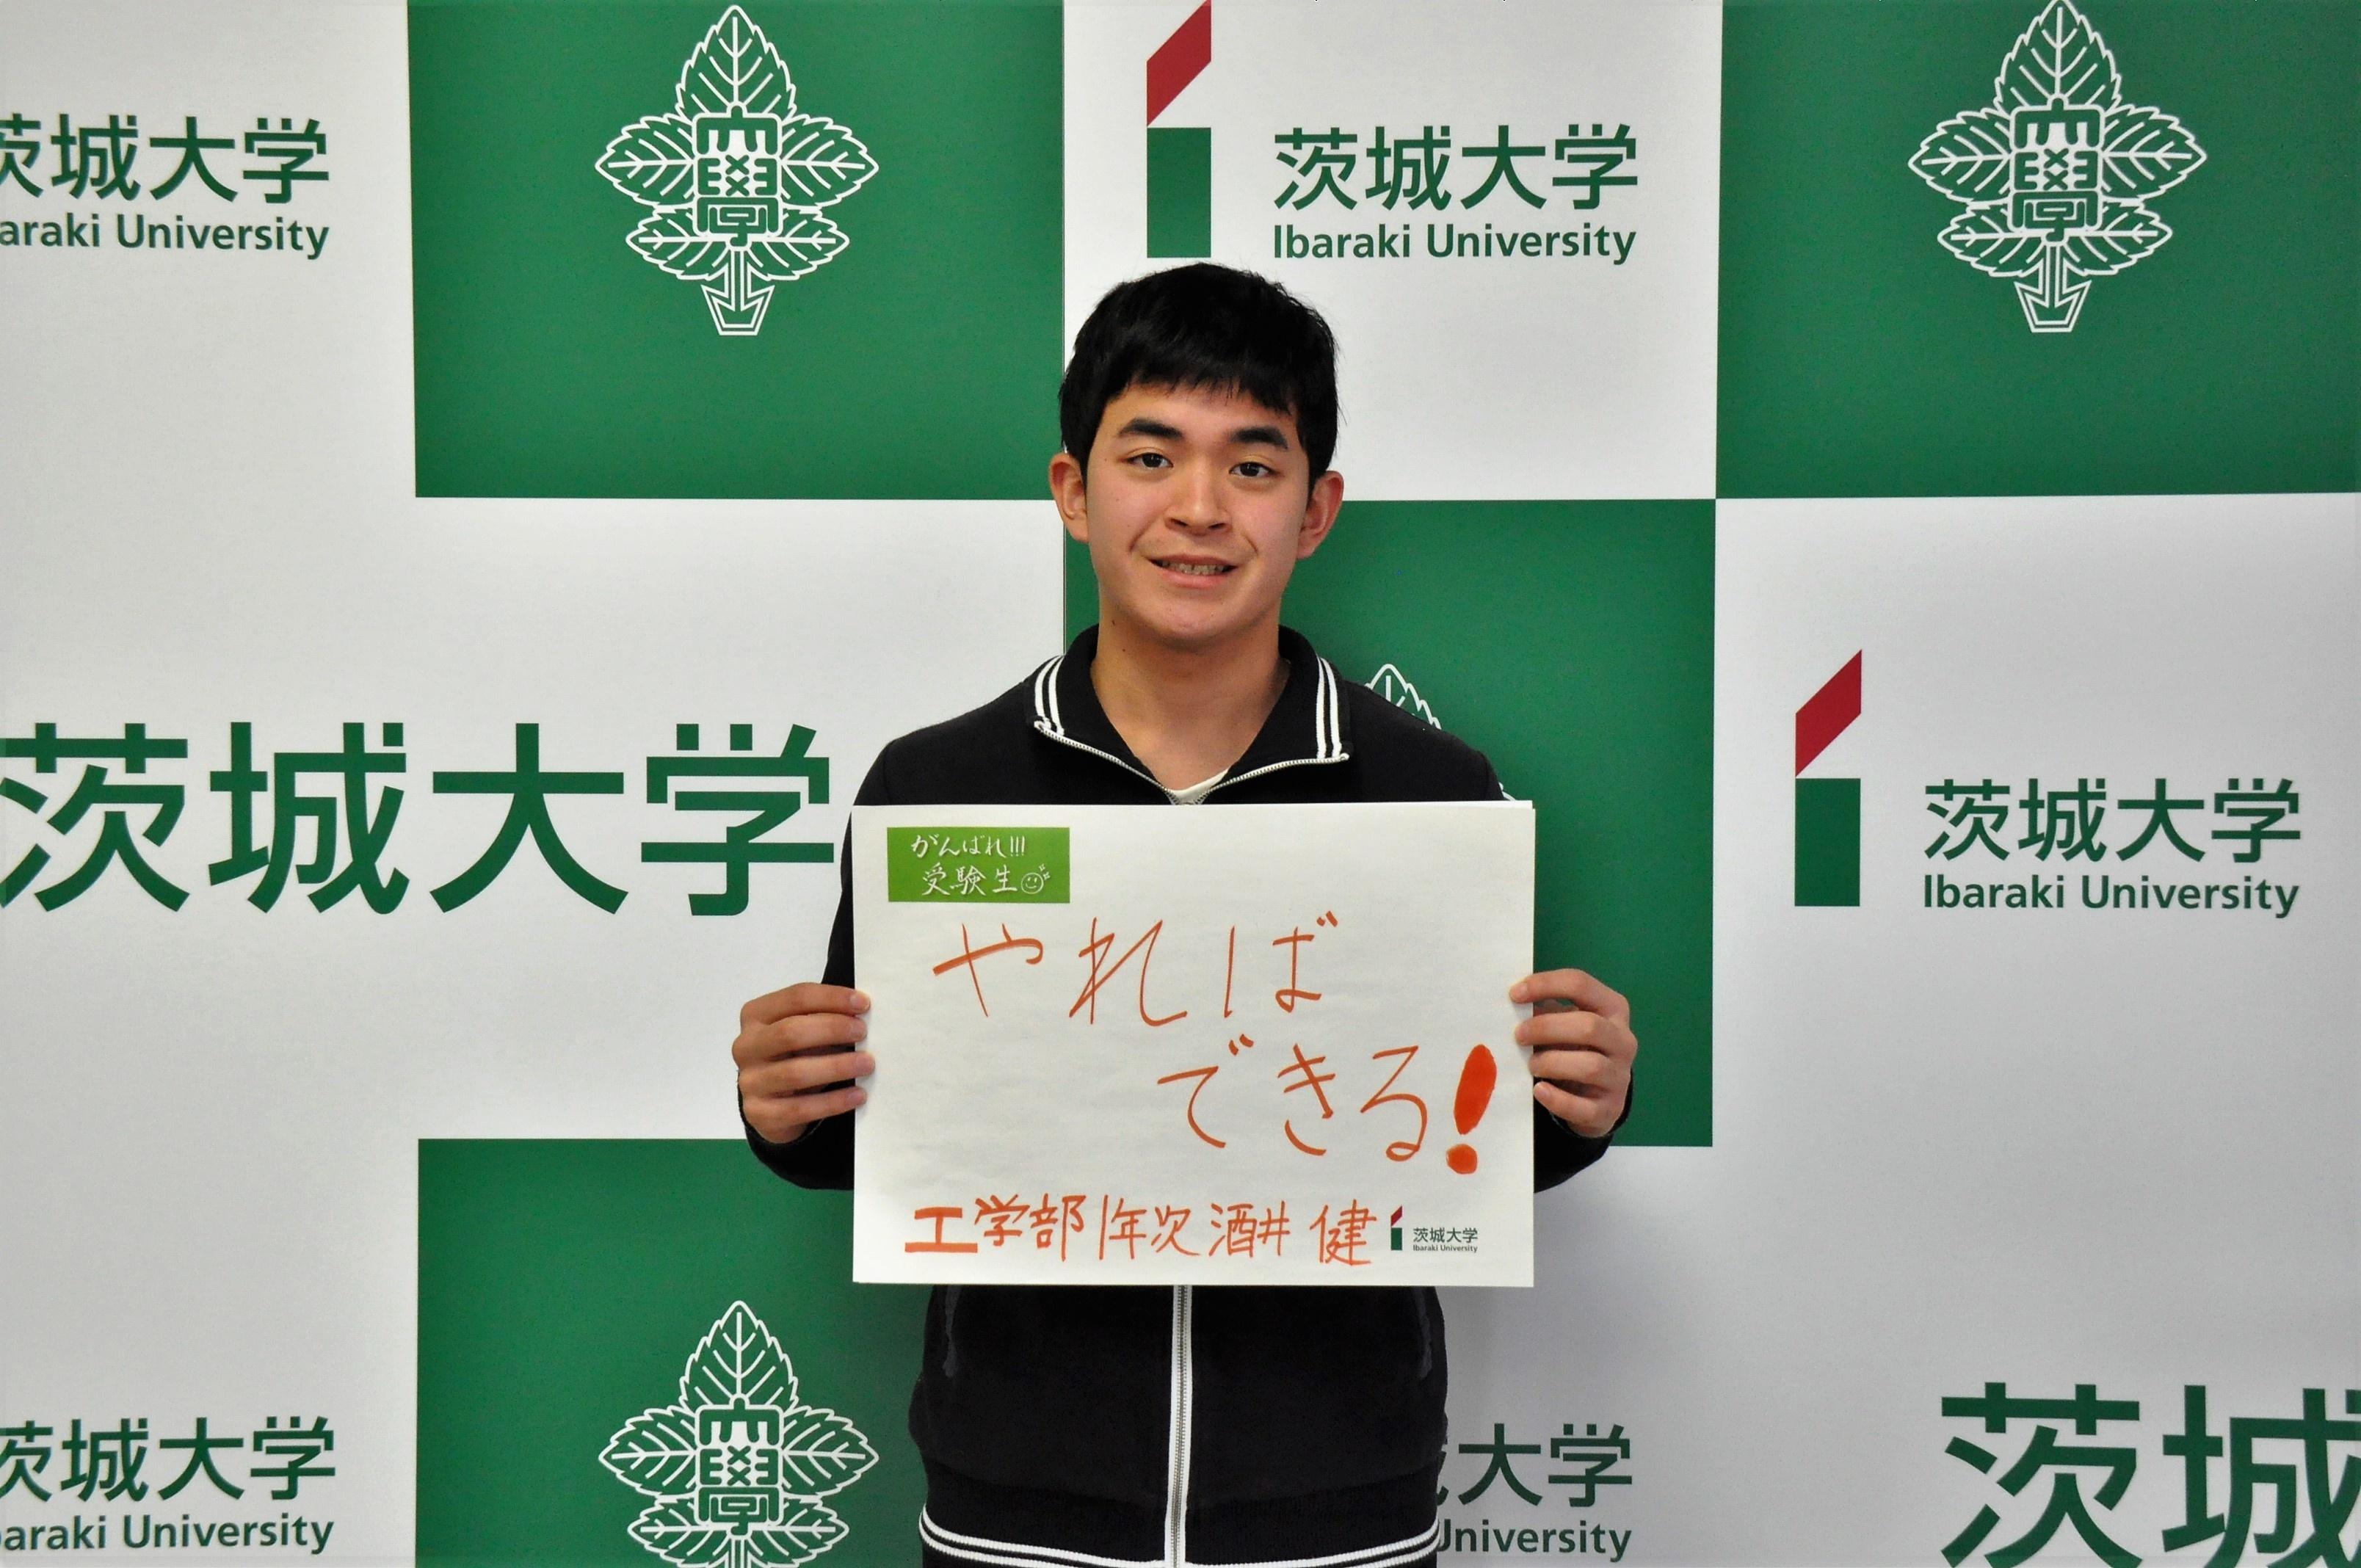 http://www.ibaraki.ac.jp/commit/2018/01/16/img/DSC_0012ibdaikh20180116_012.JPG_1.jpg